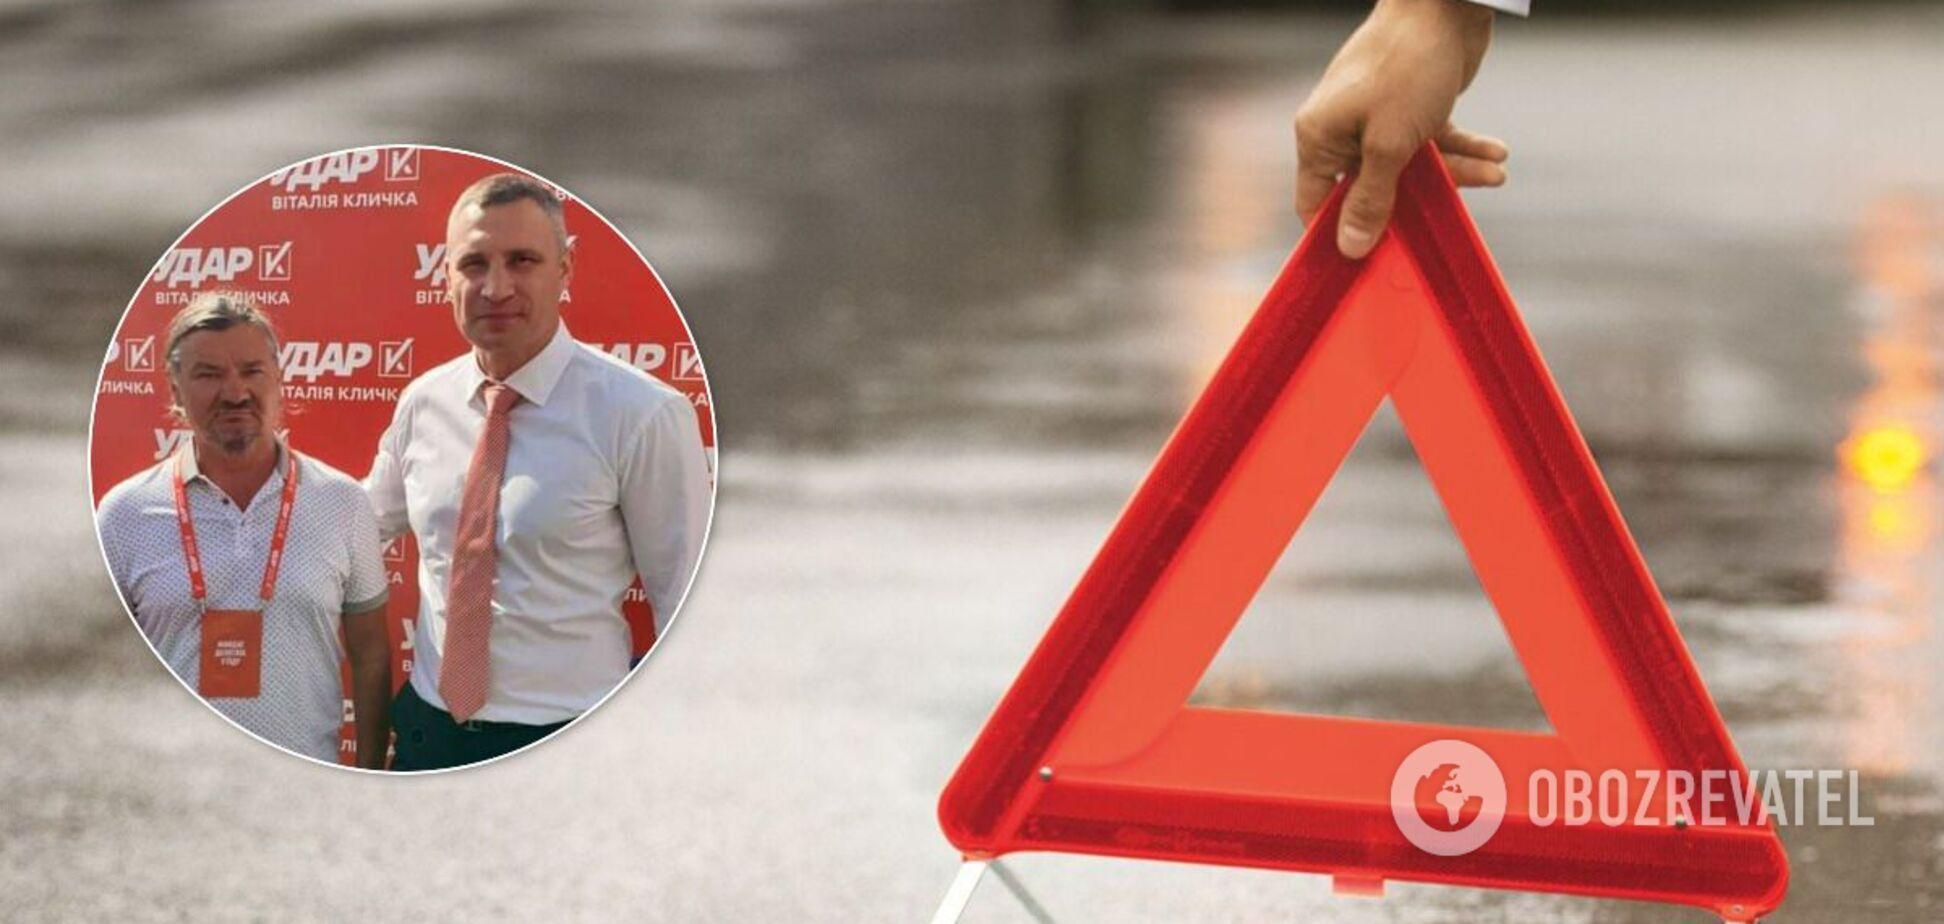 У ДТП розбився політик із партії Кличка